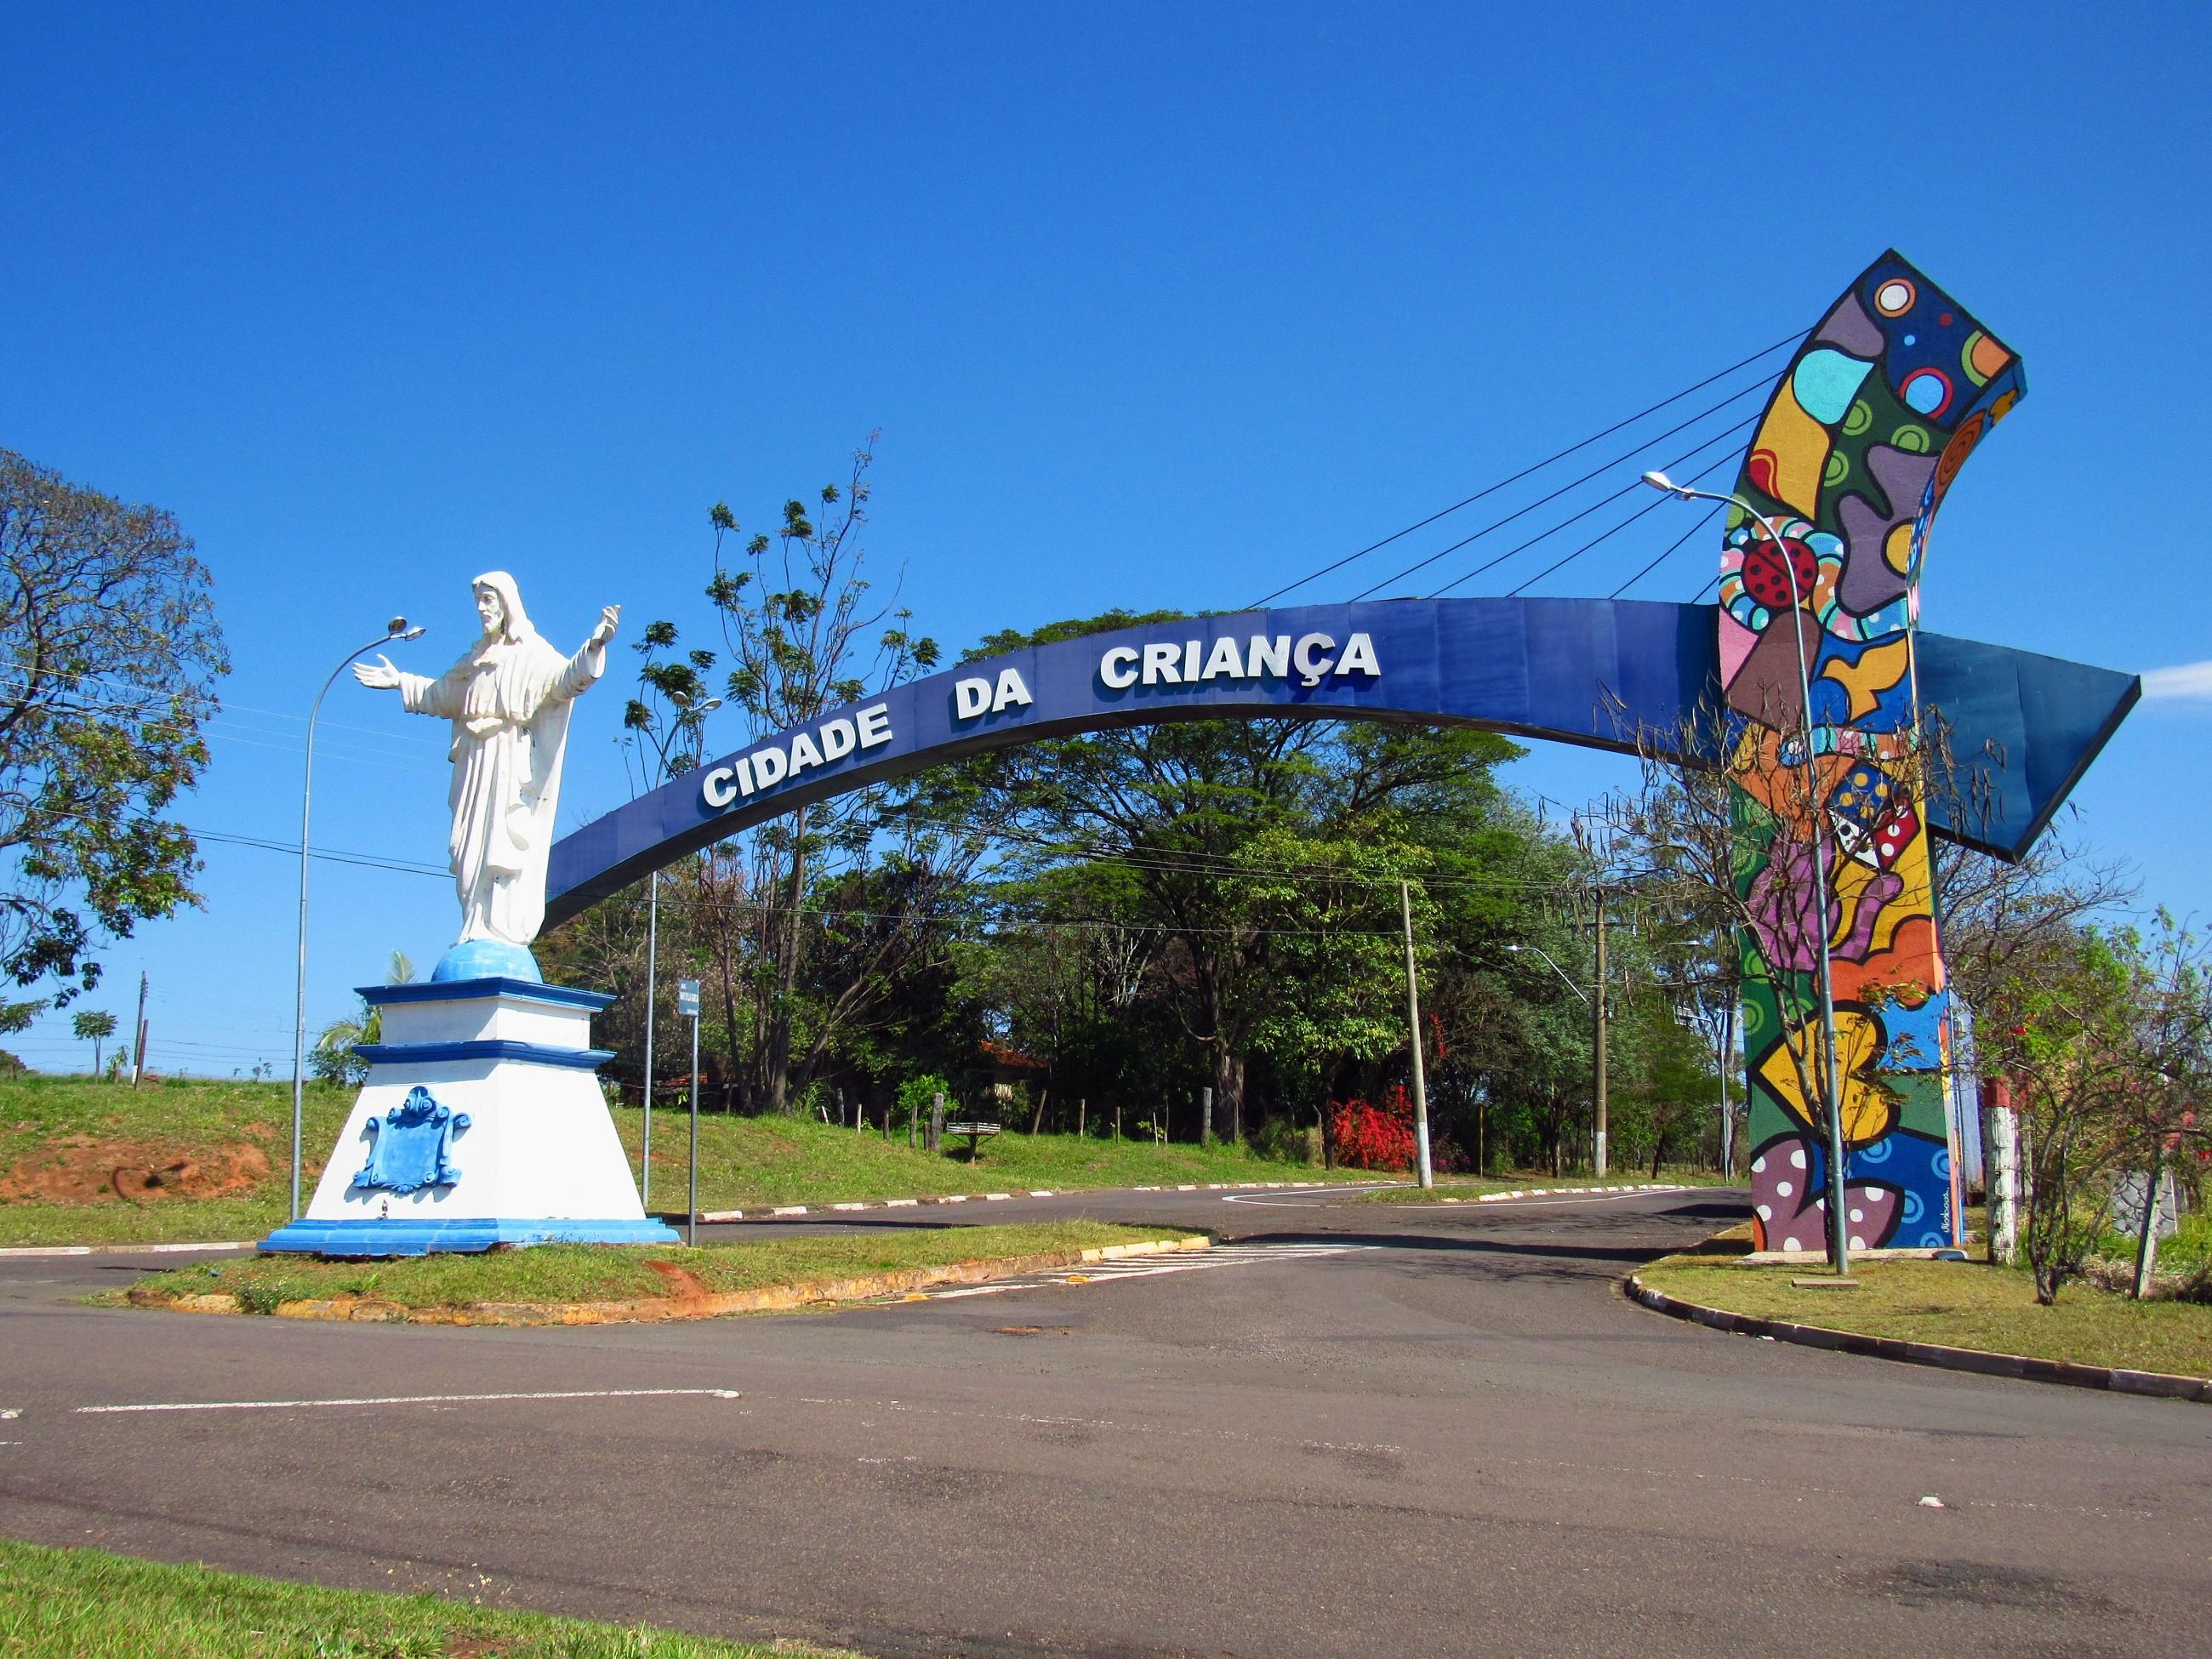 Cidade da Criança reduz em quase 30% o número de veículos com permissão para visitar o parque ecológico neste fim de semana